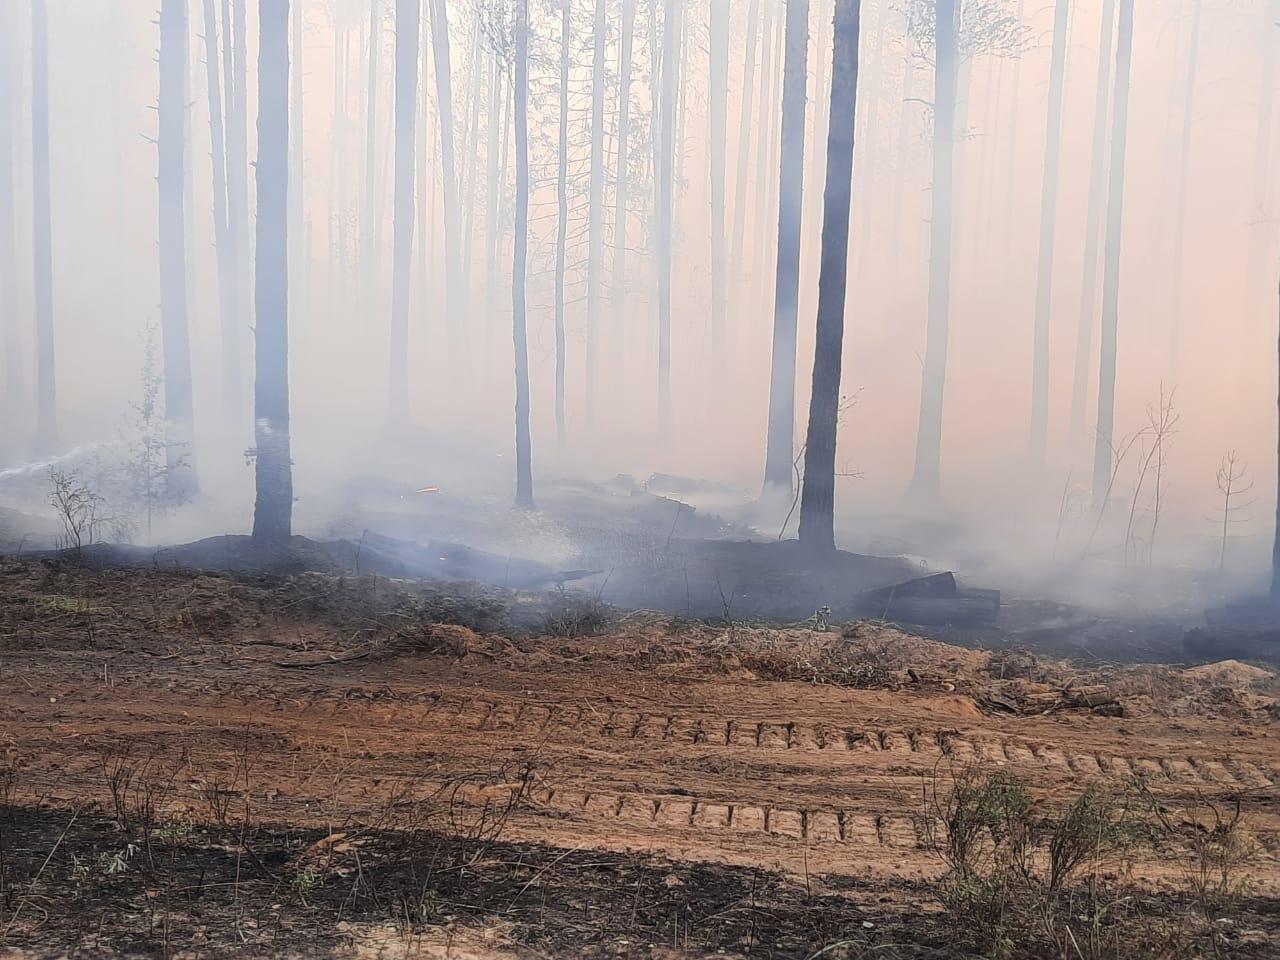 В Марий Эл из-за лесного пожара эвакуируют поселок